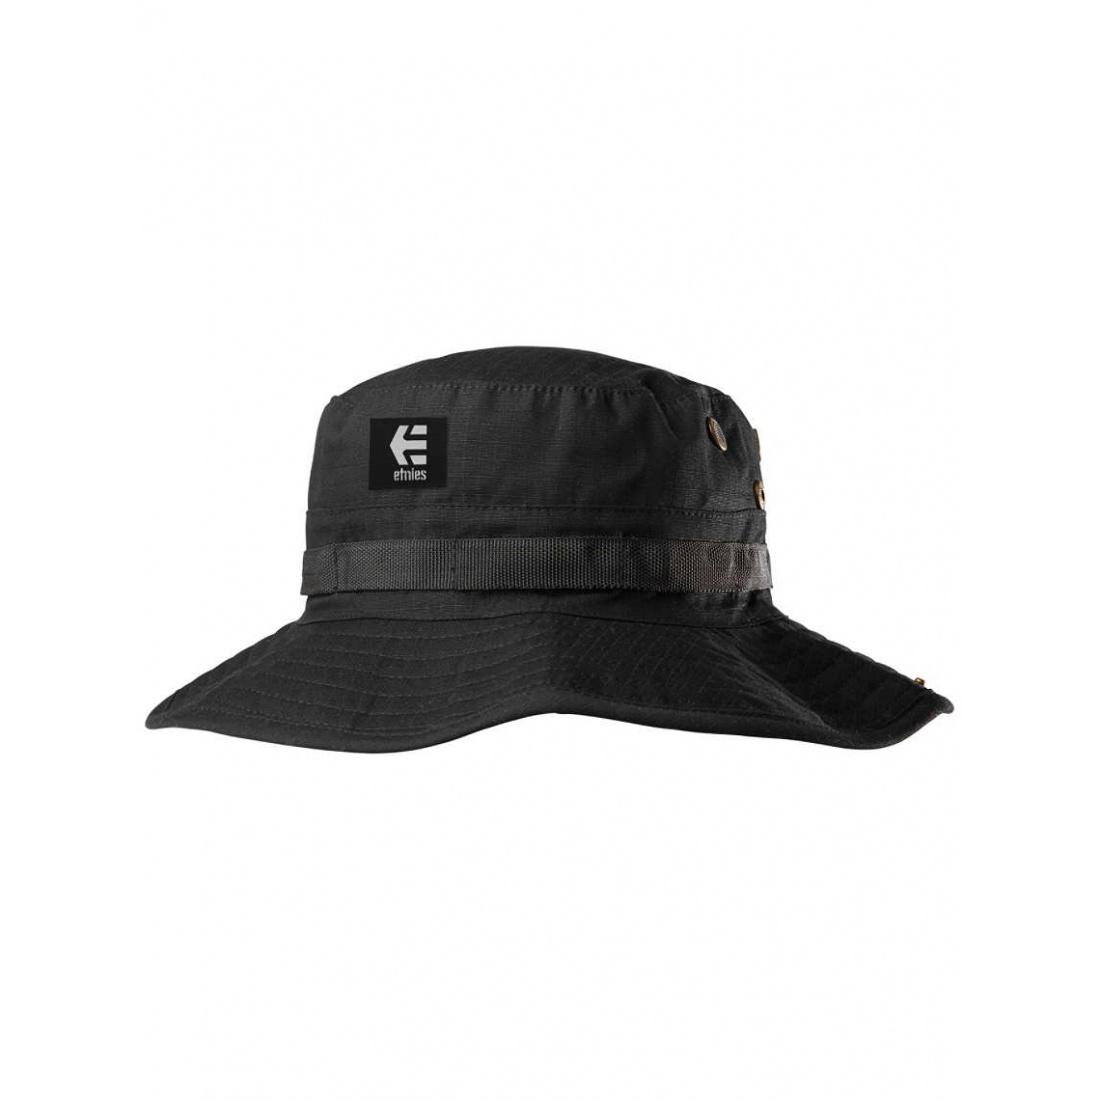 ETN-APOC Boonie Black Hat